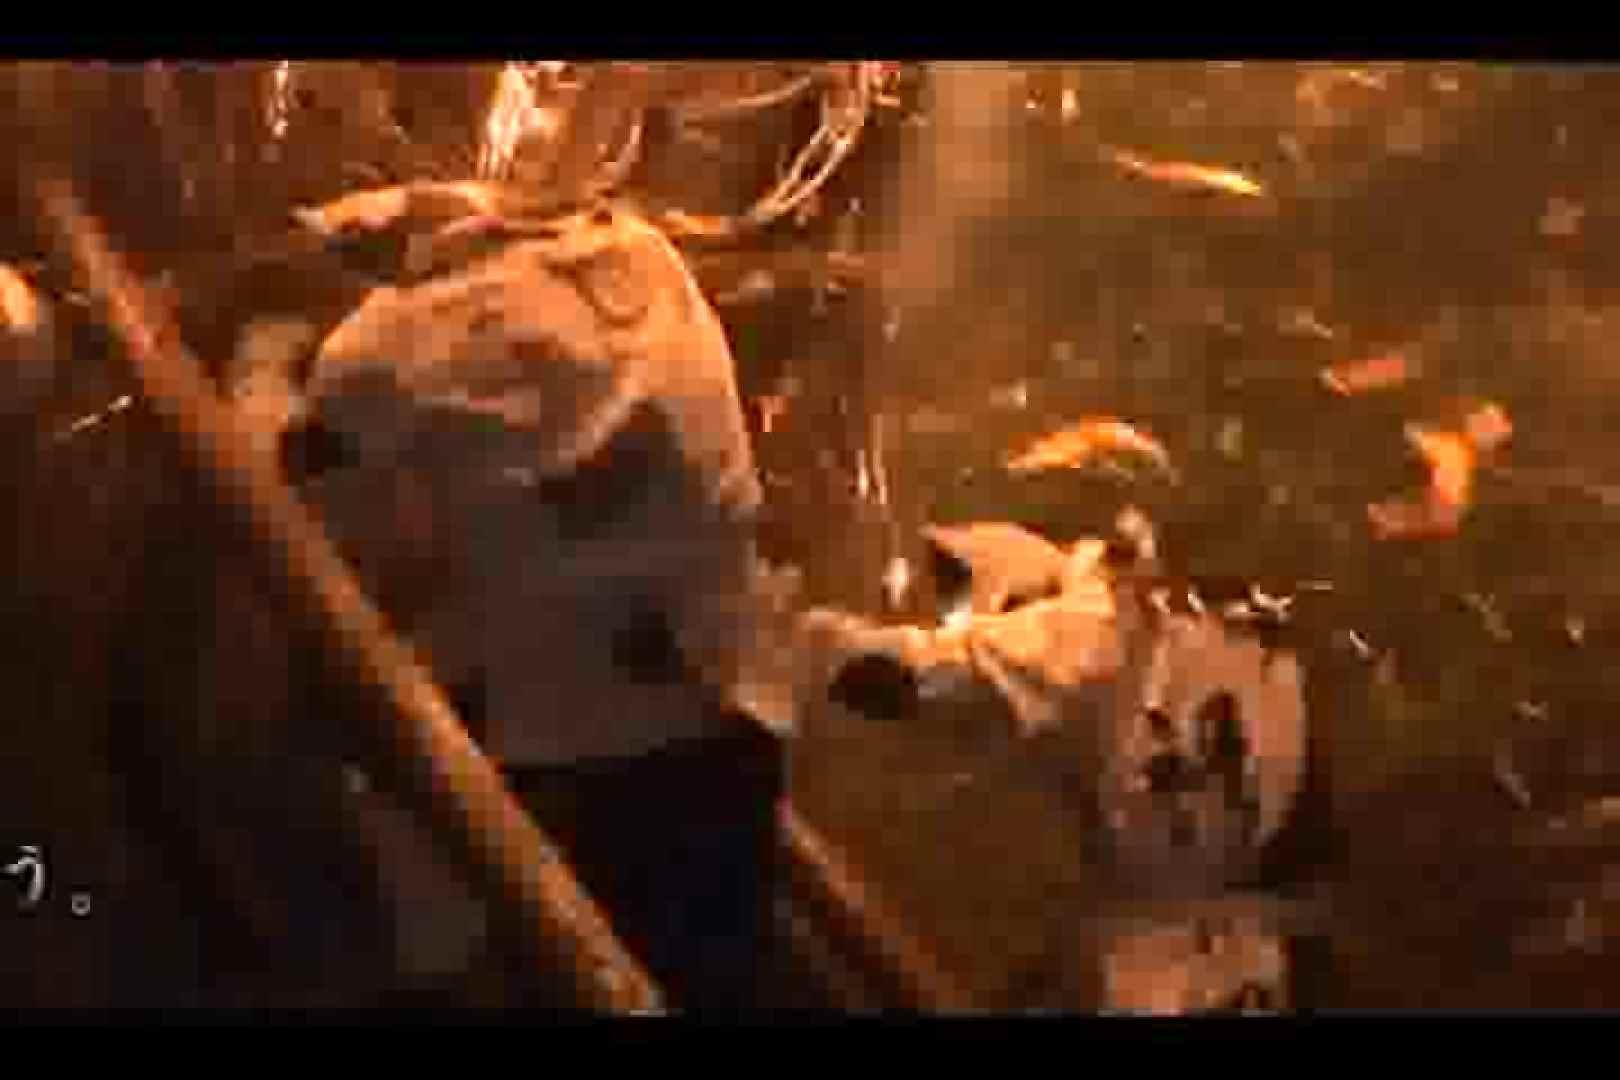 鳥羽の火祭り 3000K!高画質バージョンVOL.03 覗きお宝 Guyエロ画像 82連発 37